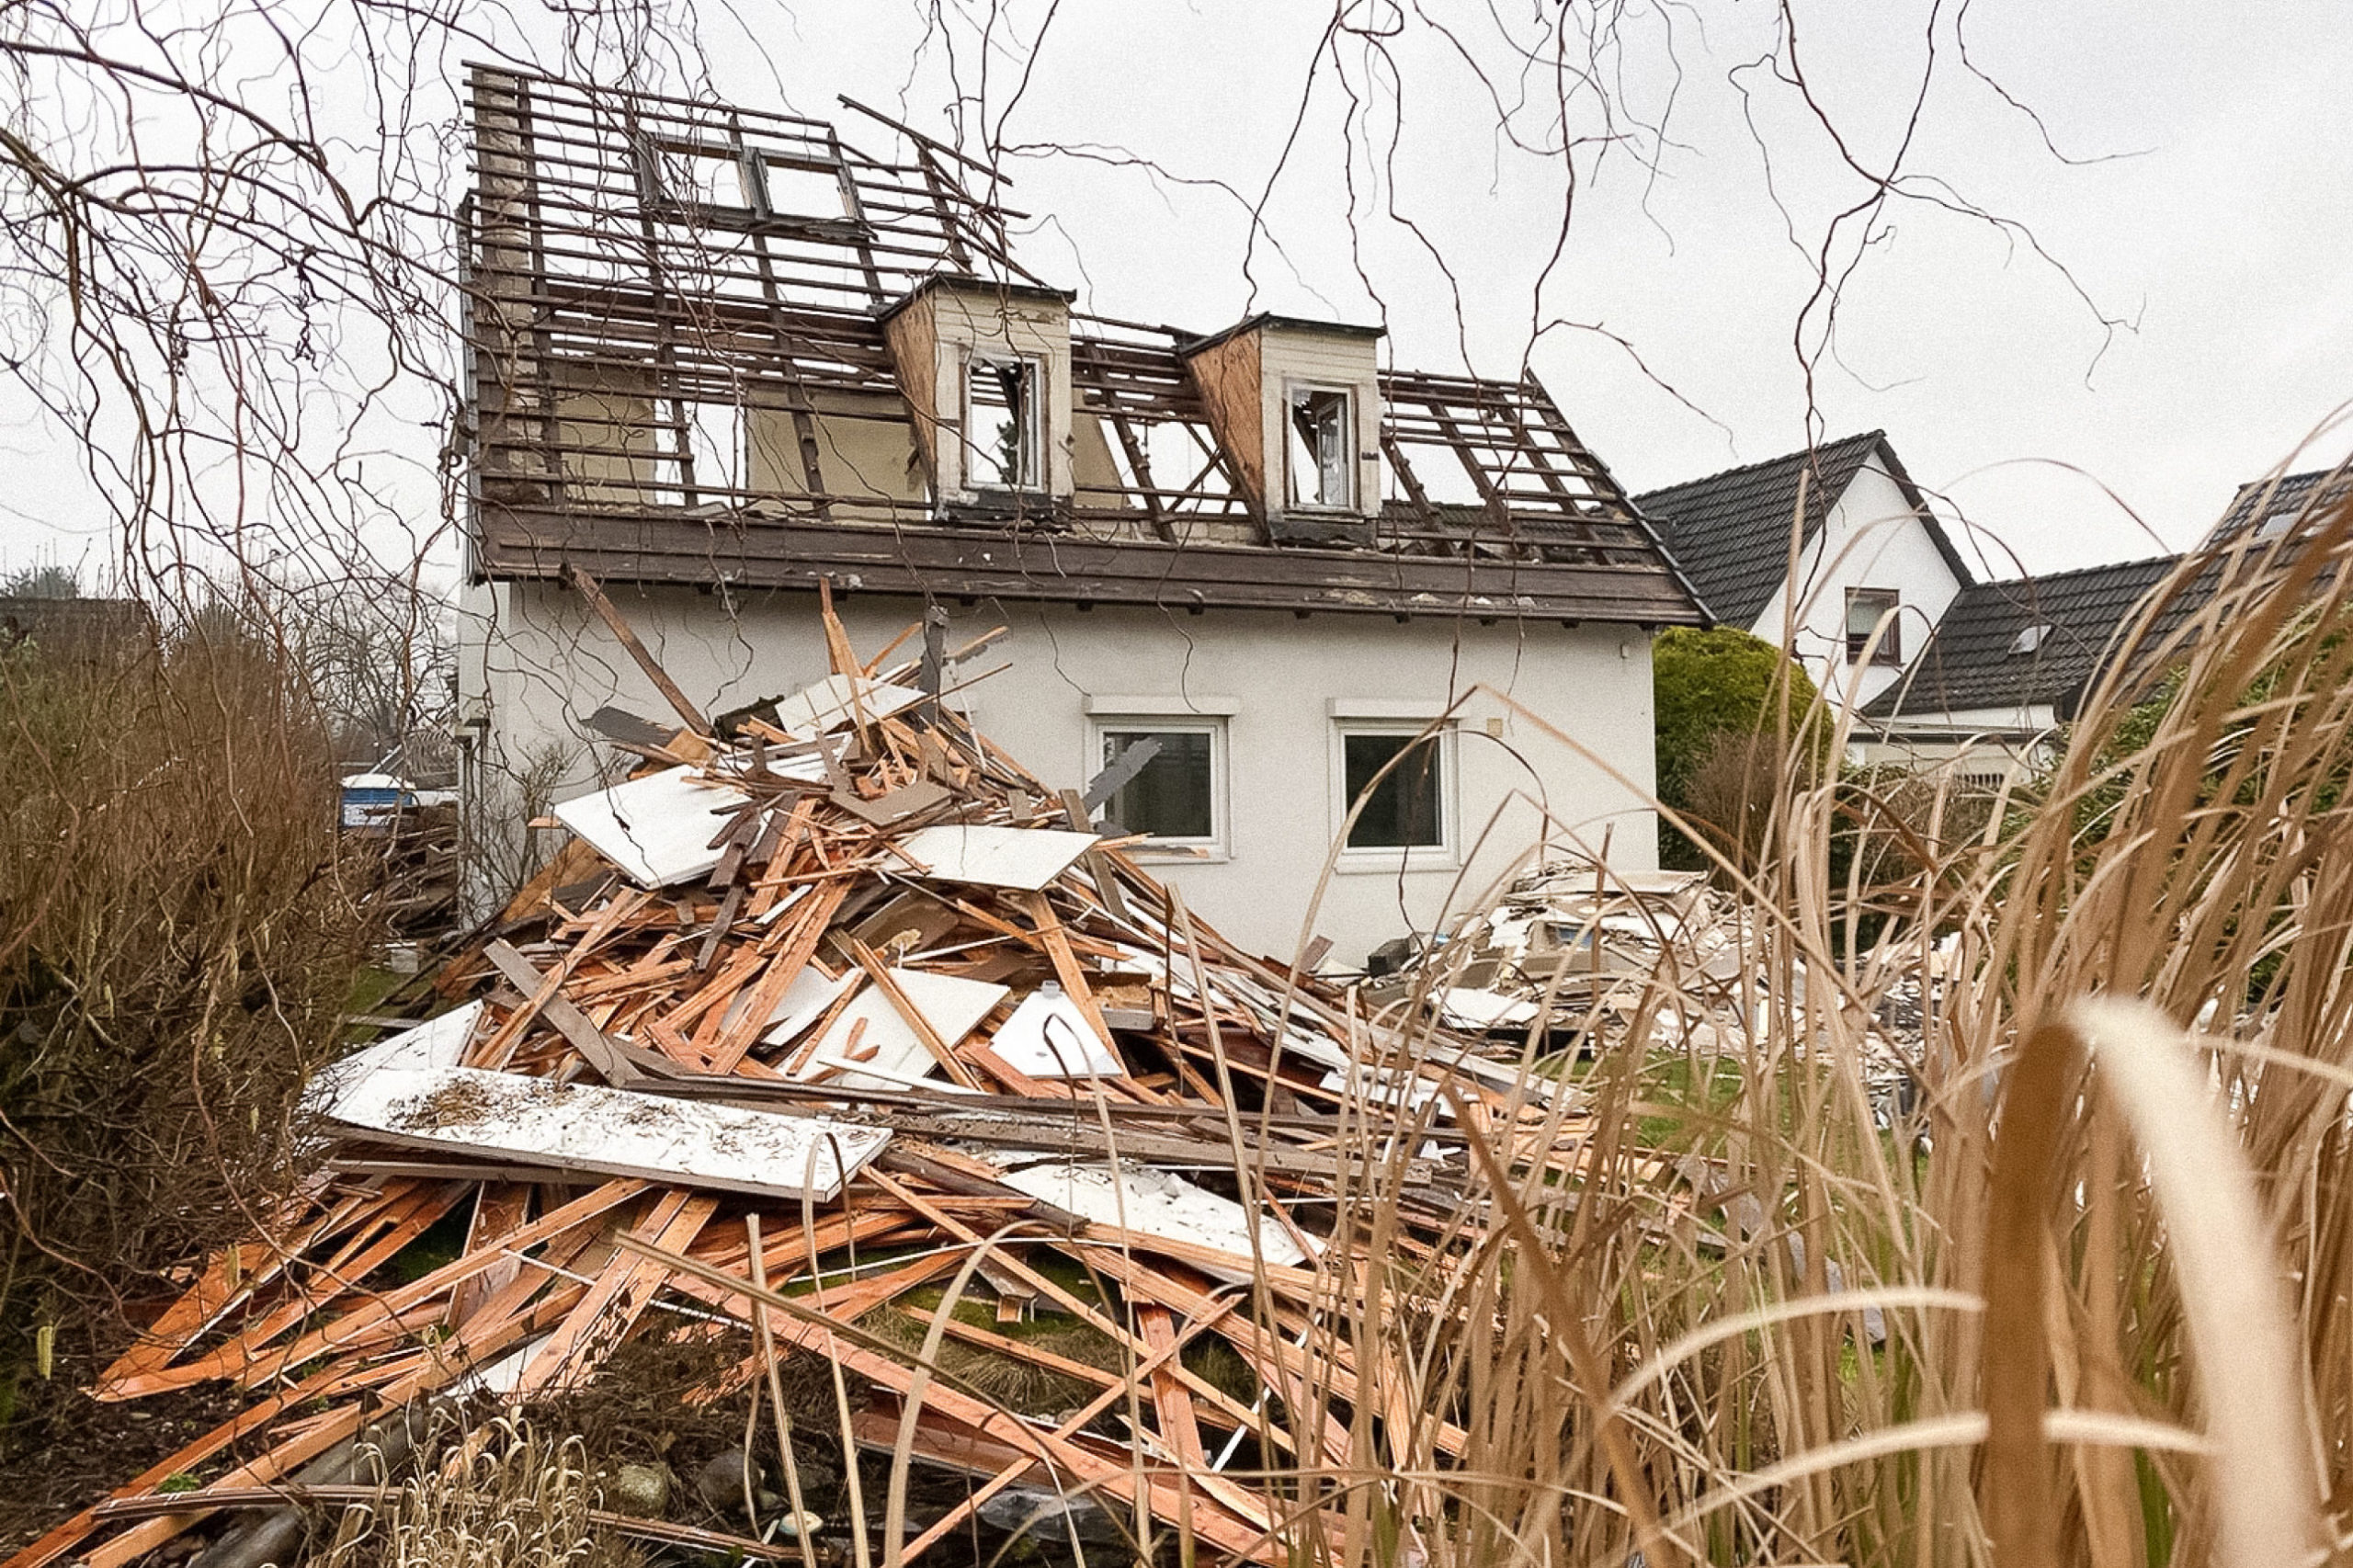 Abbruch Abriss Haus Hamburg Zweifamlienhaus siedlungshaus Satteldach Altbau